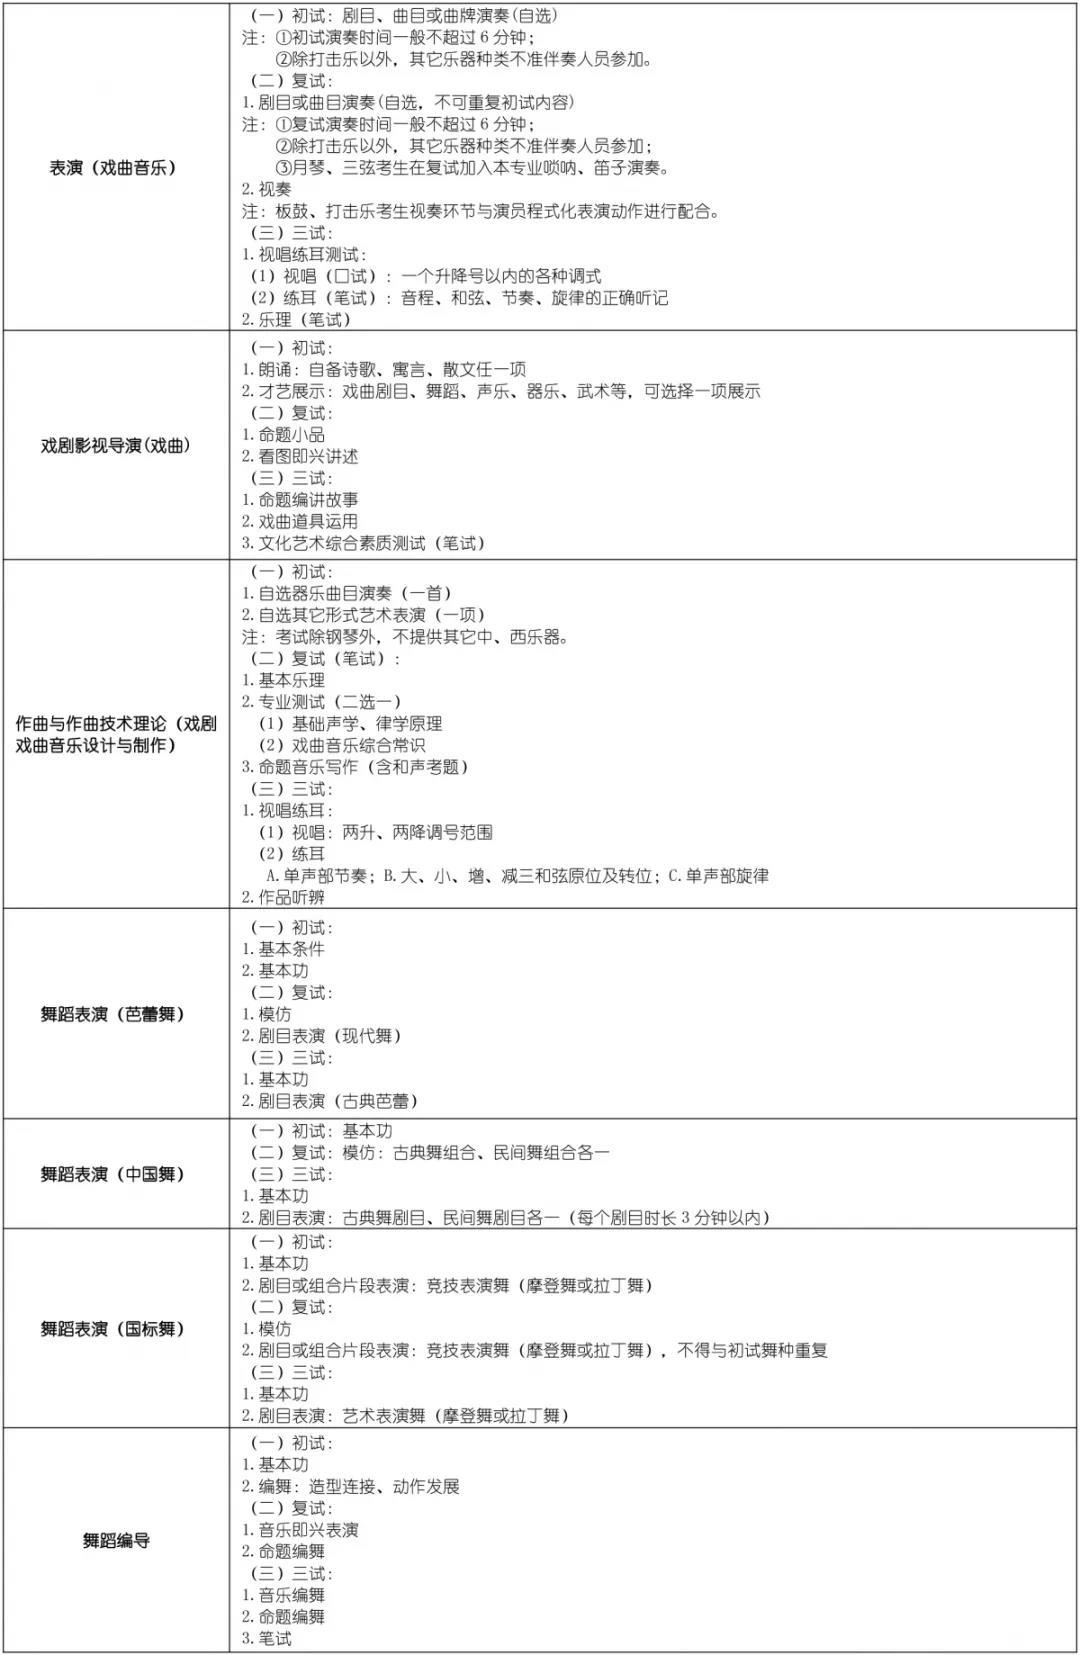 上海戏剧学院2019招生简章6